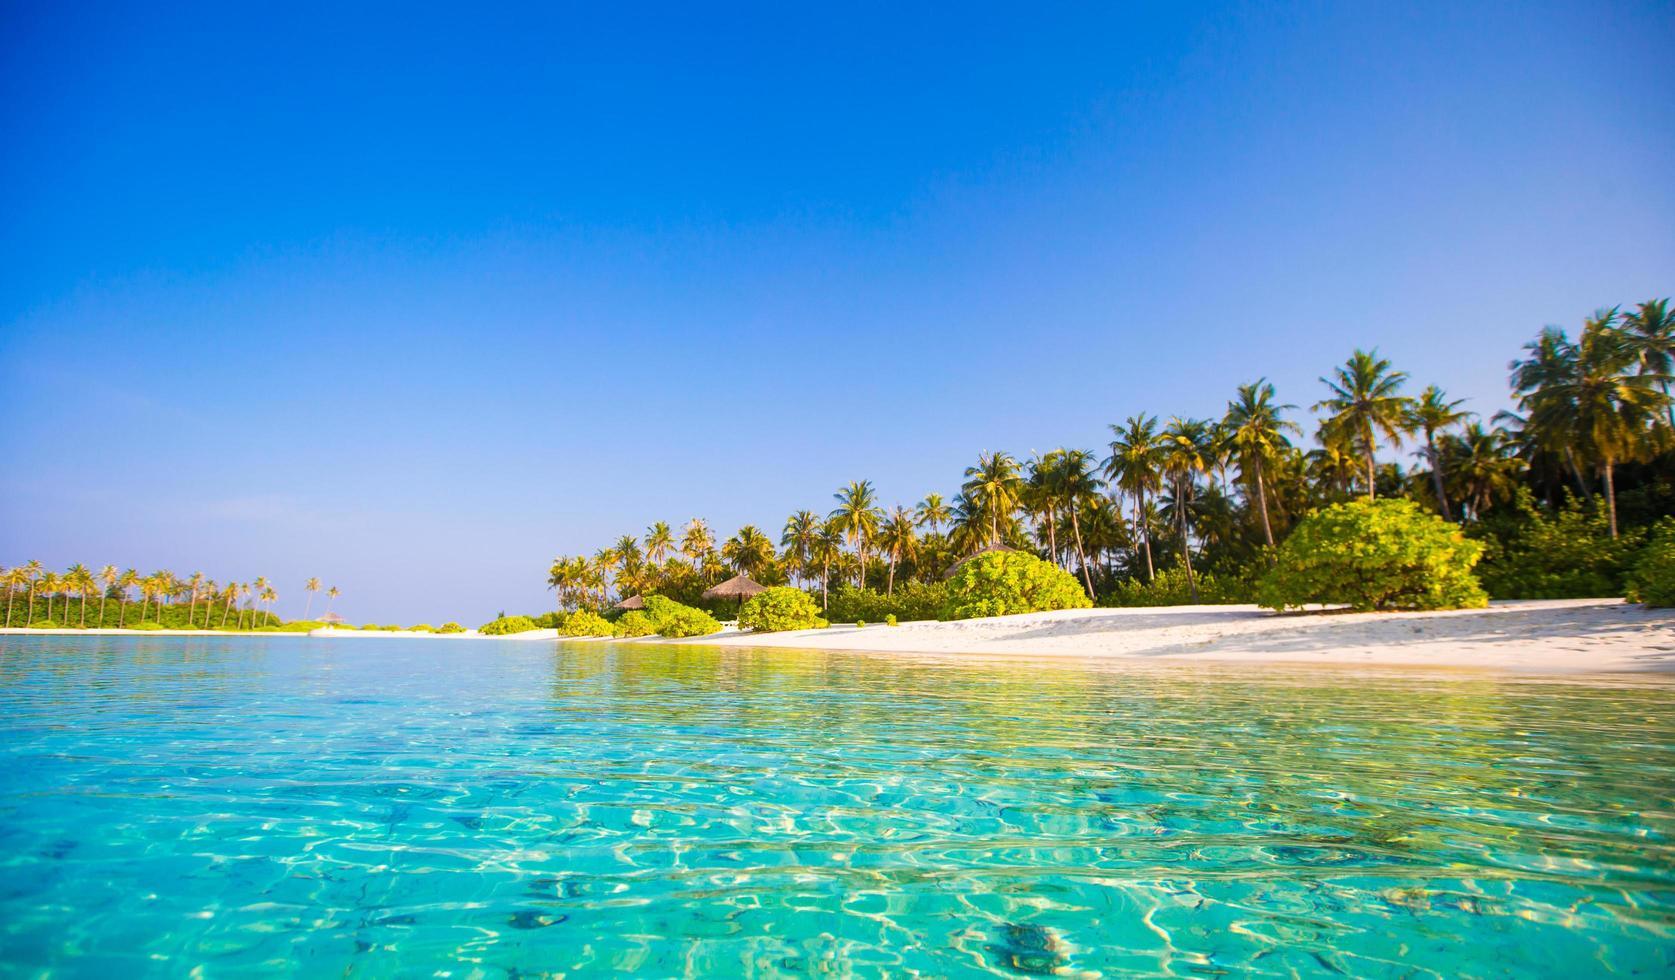 Clear blue water at a beach photo